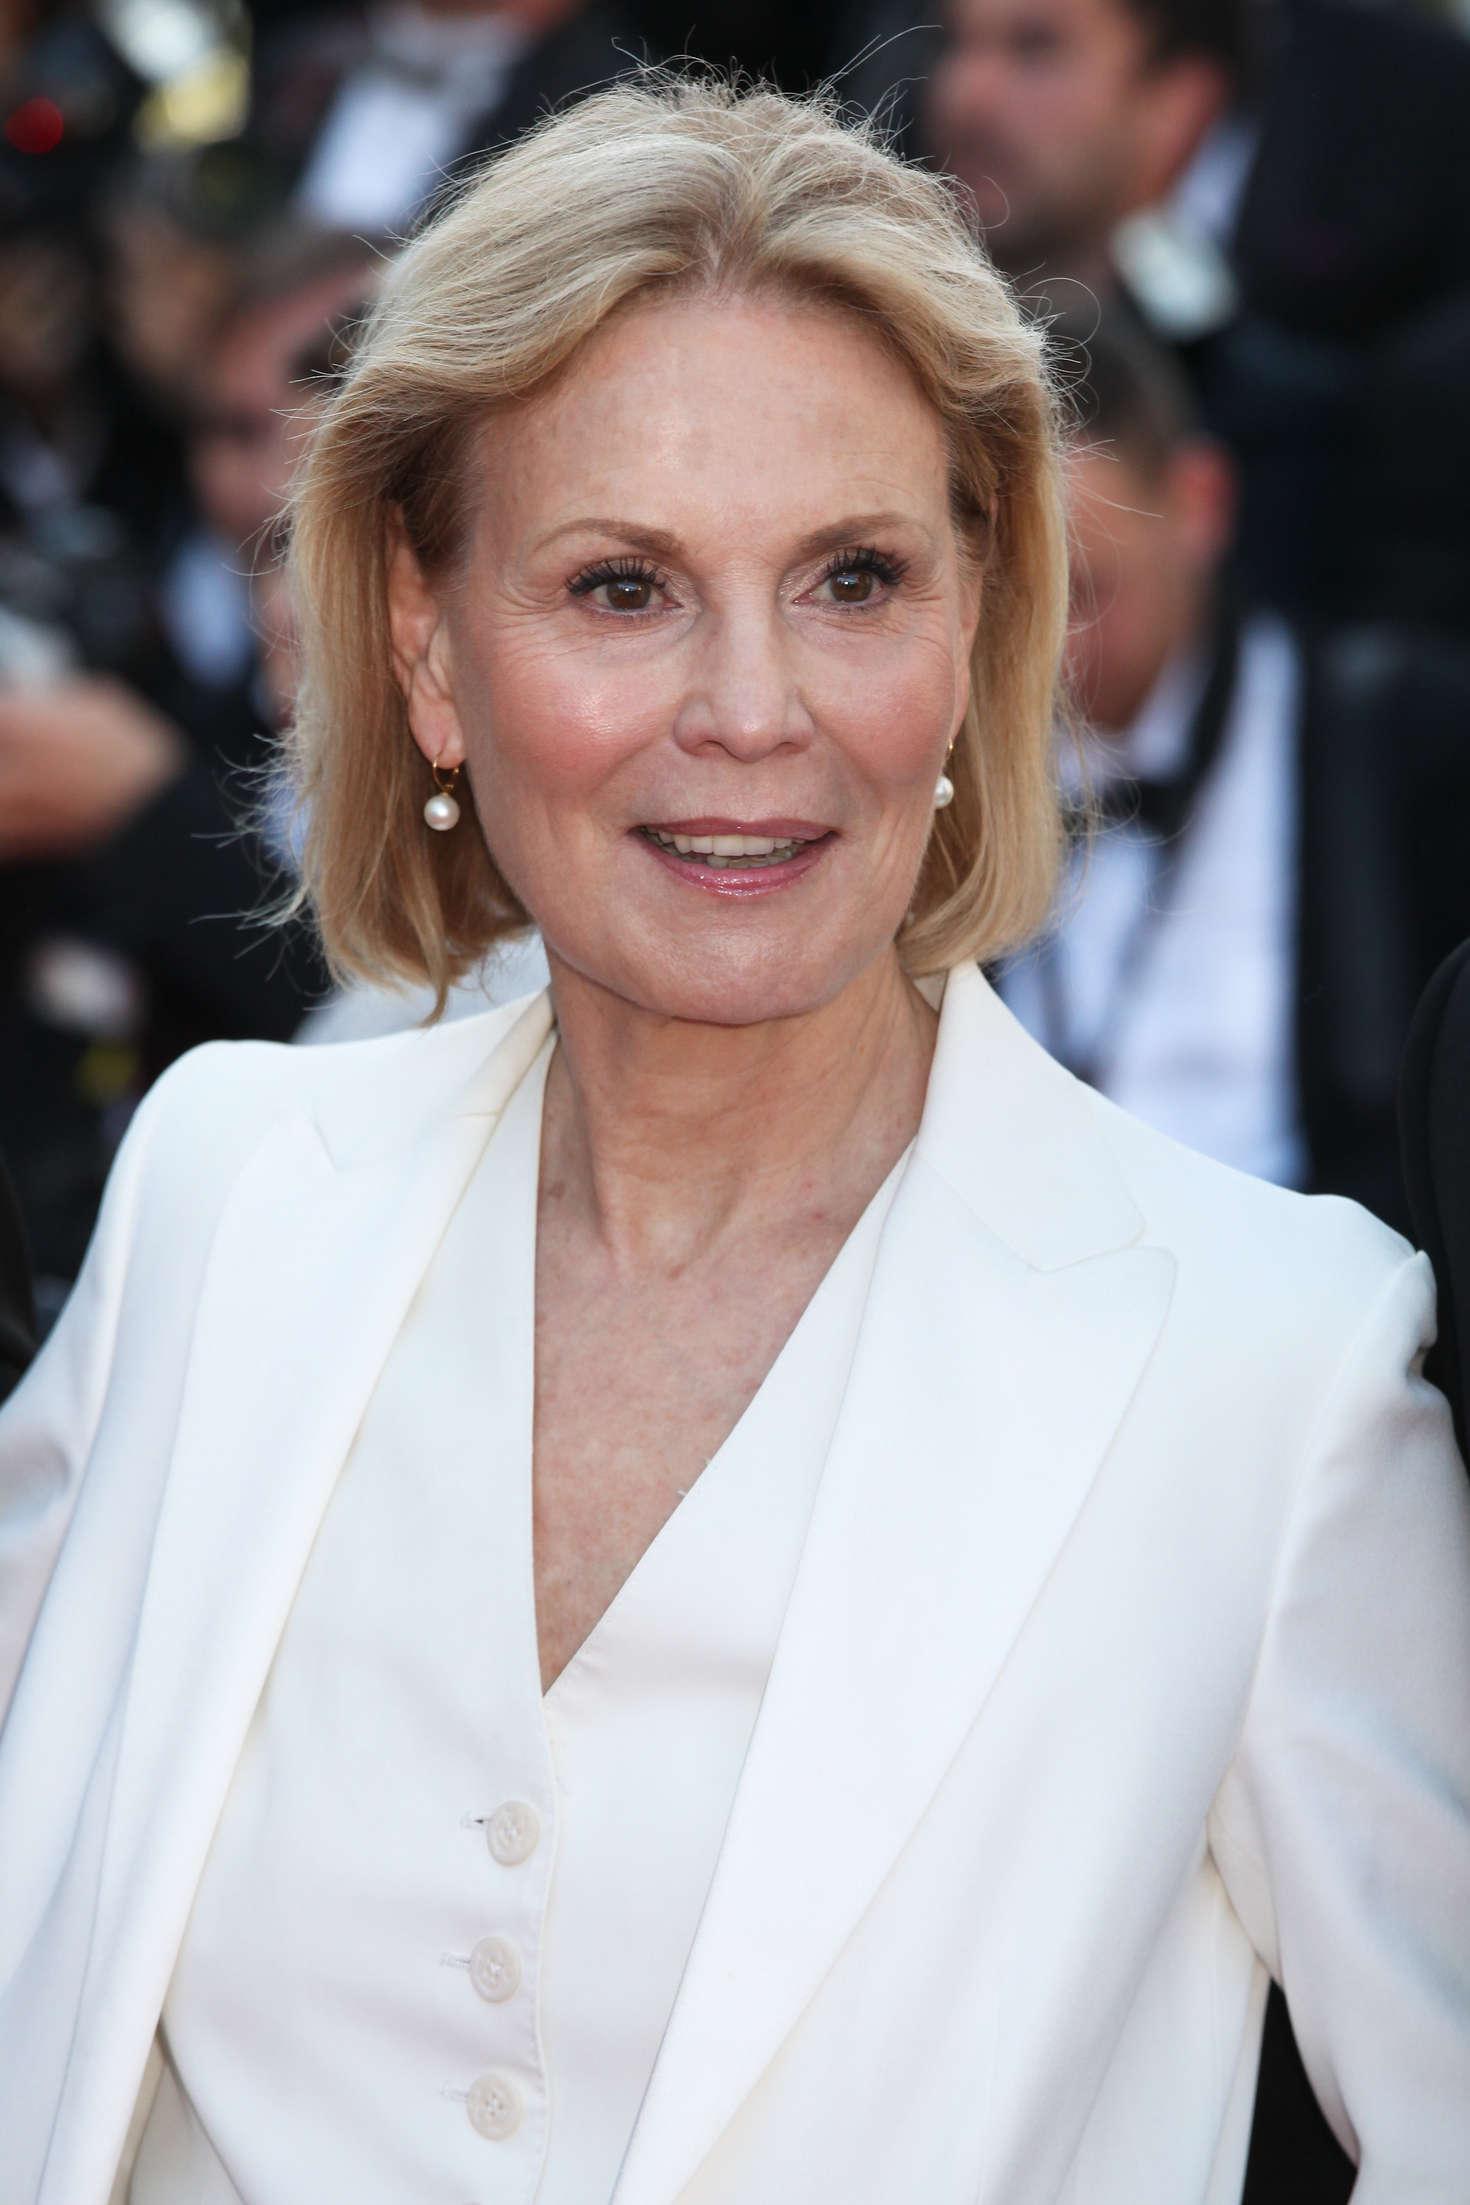 Marthe Keller - Elle Premiere at 2016 Cannes Film